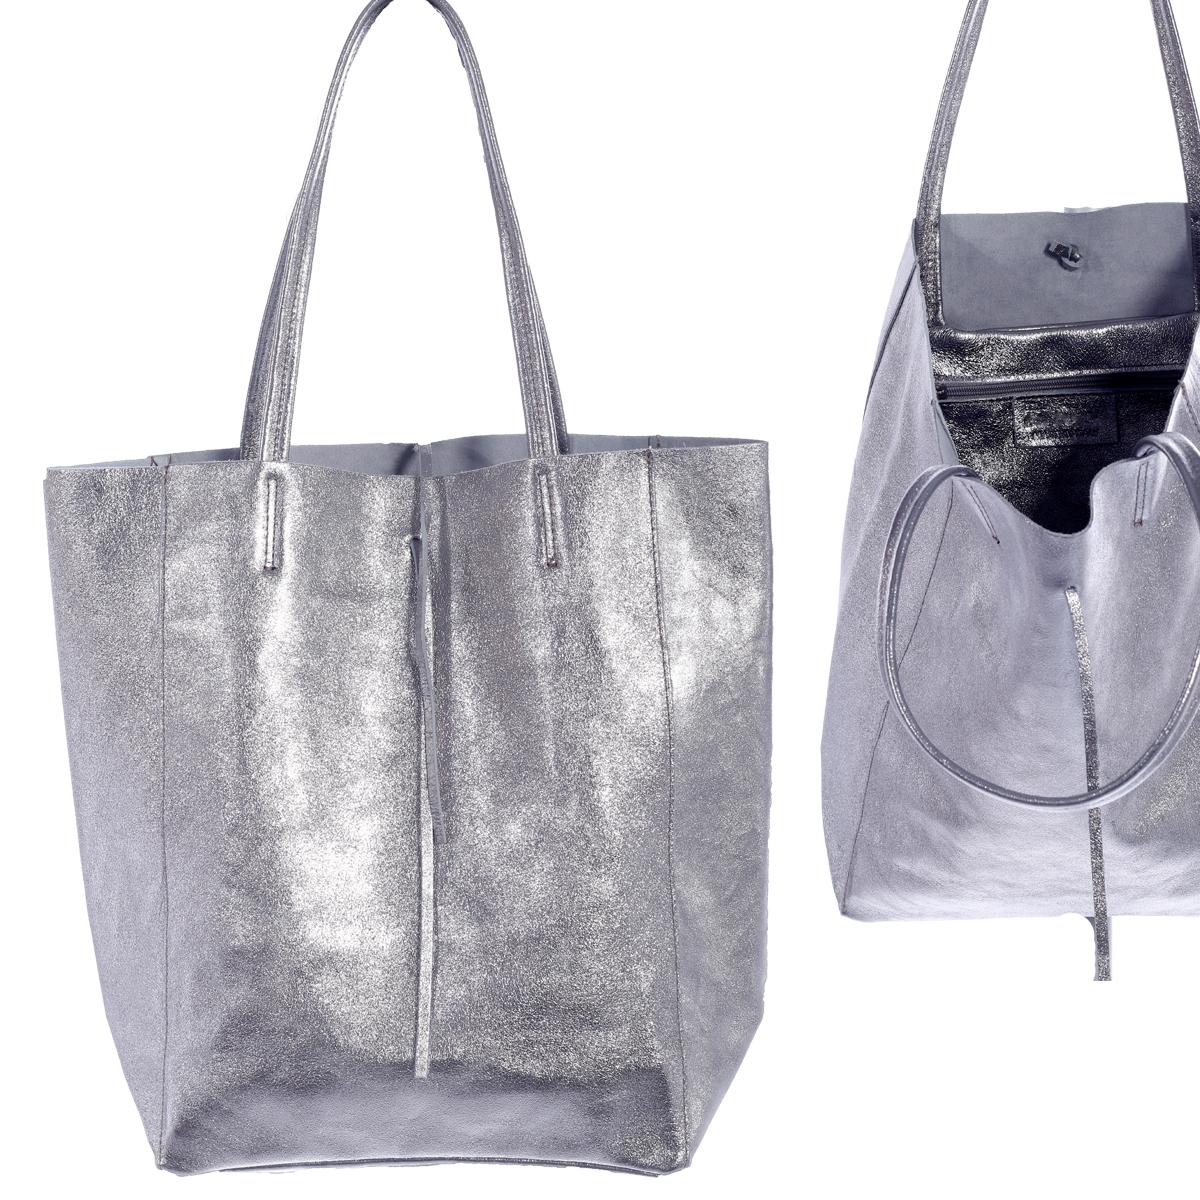 Shopper Henkeltasche mit großer Innentasche aus beschichtetem Leder Silber